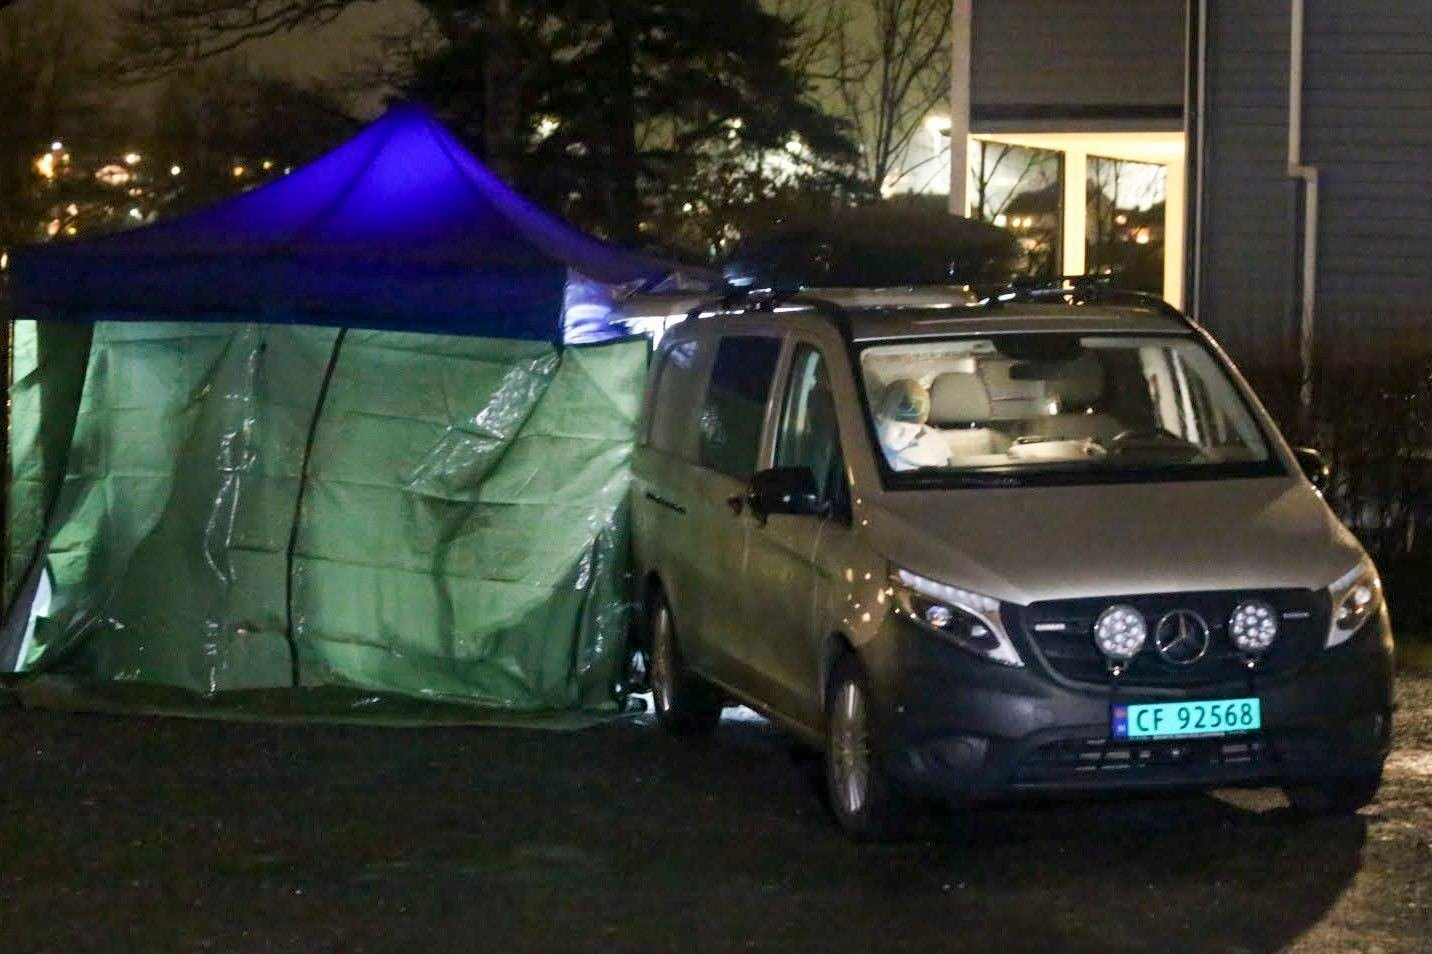 JELØYA: Politi ved stedet på Jeløya i Moss der en kvinne ble funnet død onsdag ettermiddag. Politiet betegner dødsfallet som mistenkelig og en mann er pågrepet i saken.